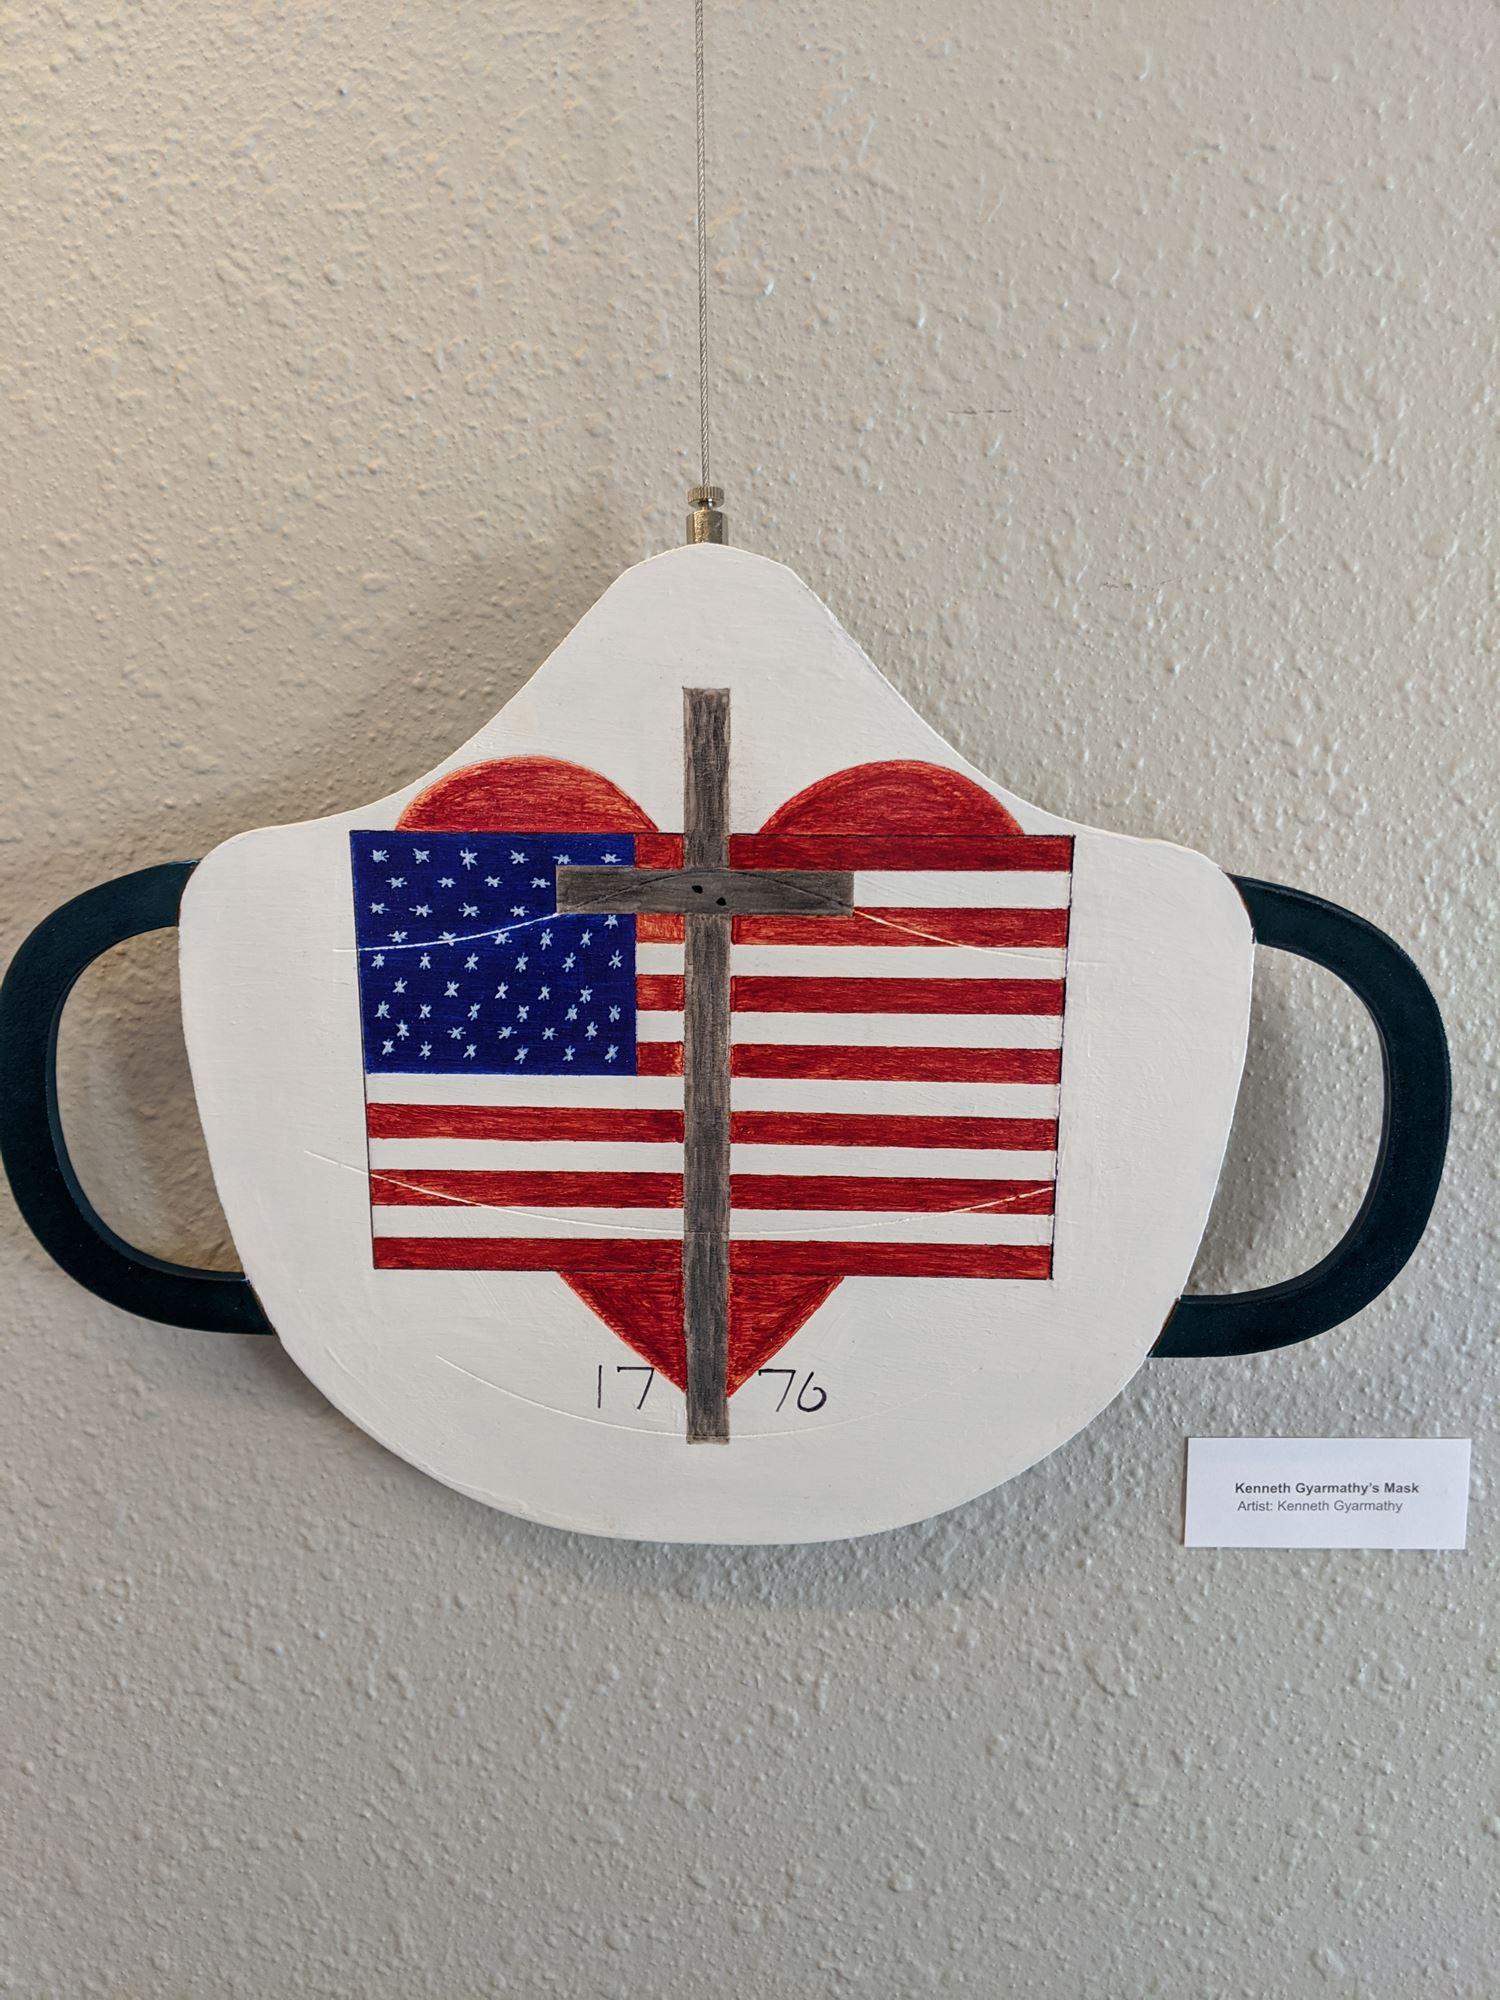 Kenneth Gyarmathy- Kenneth Gyarmathy's Mask